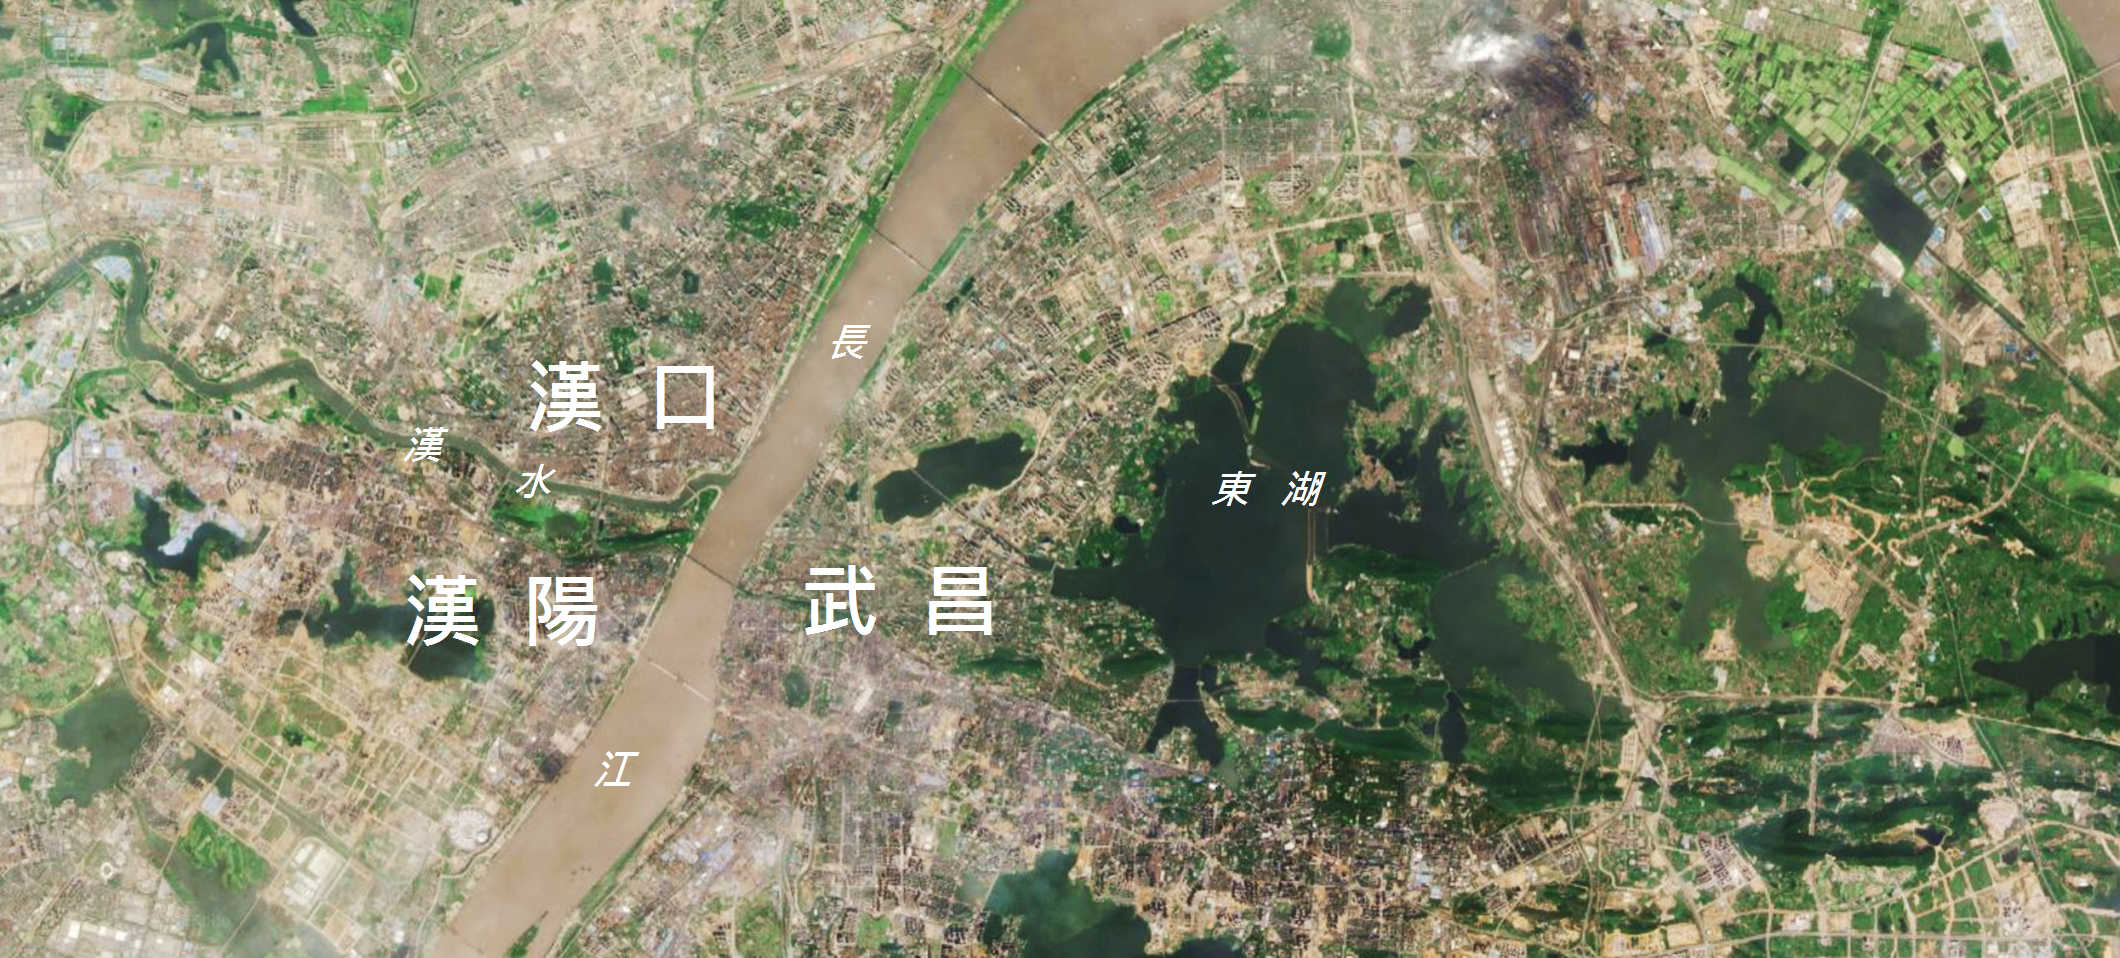 武漢地處古「雲夢大澤」的湖底,「武漢三鎮」踞長江、漢水而鼎立。